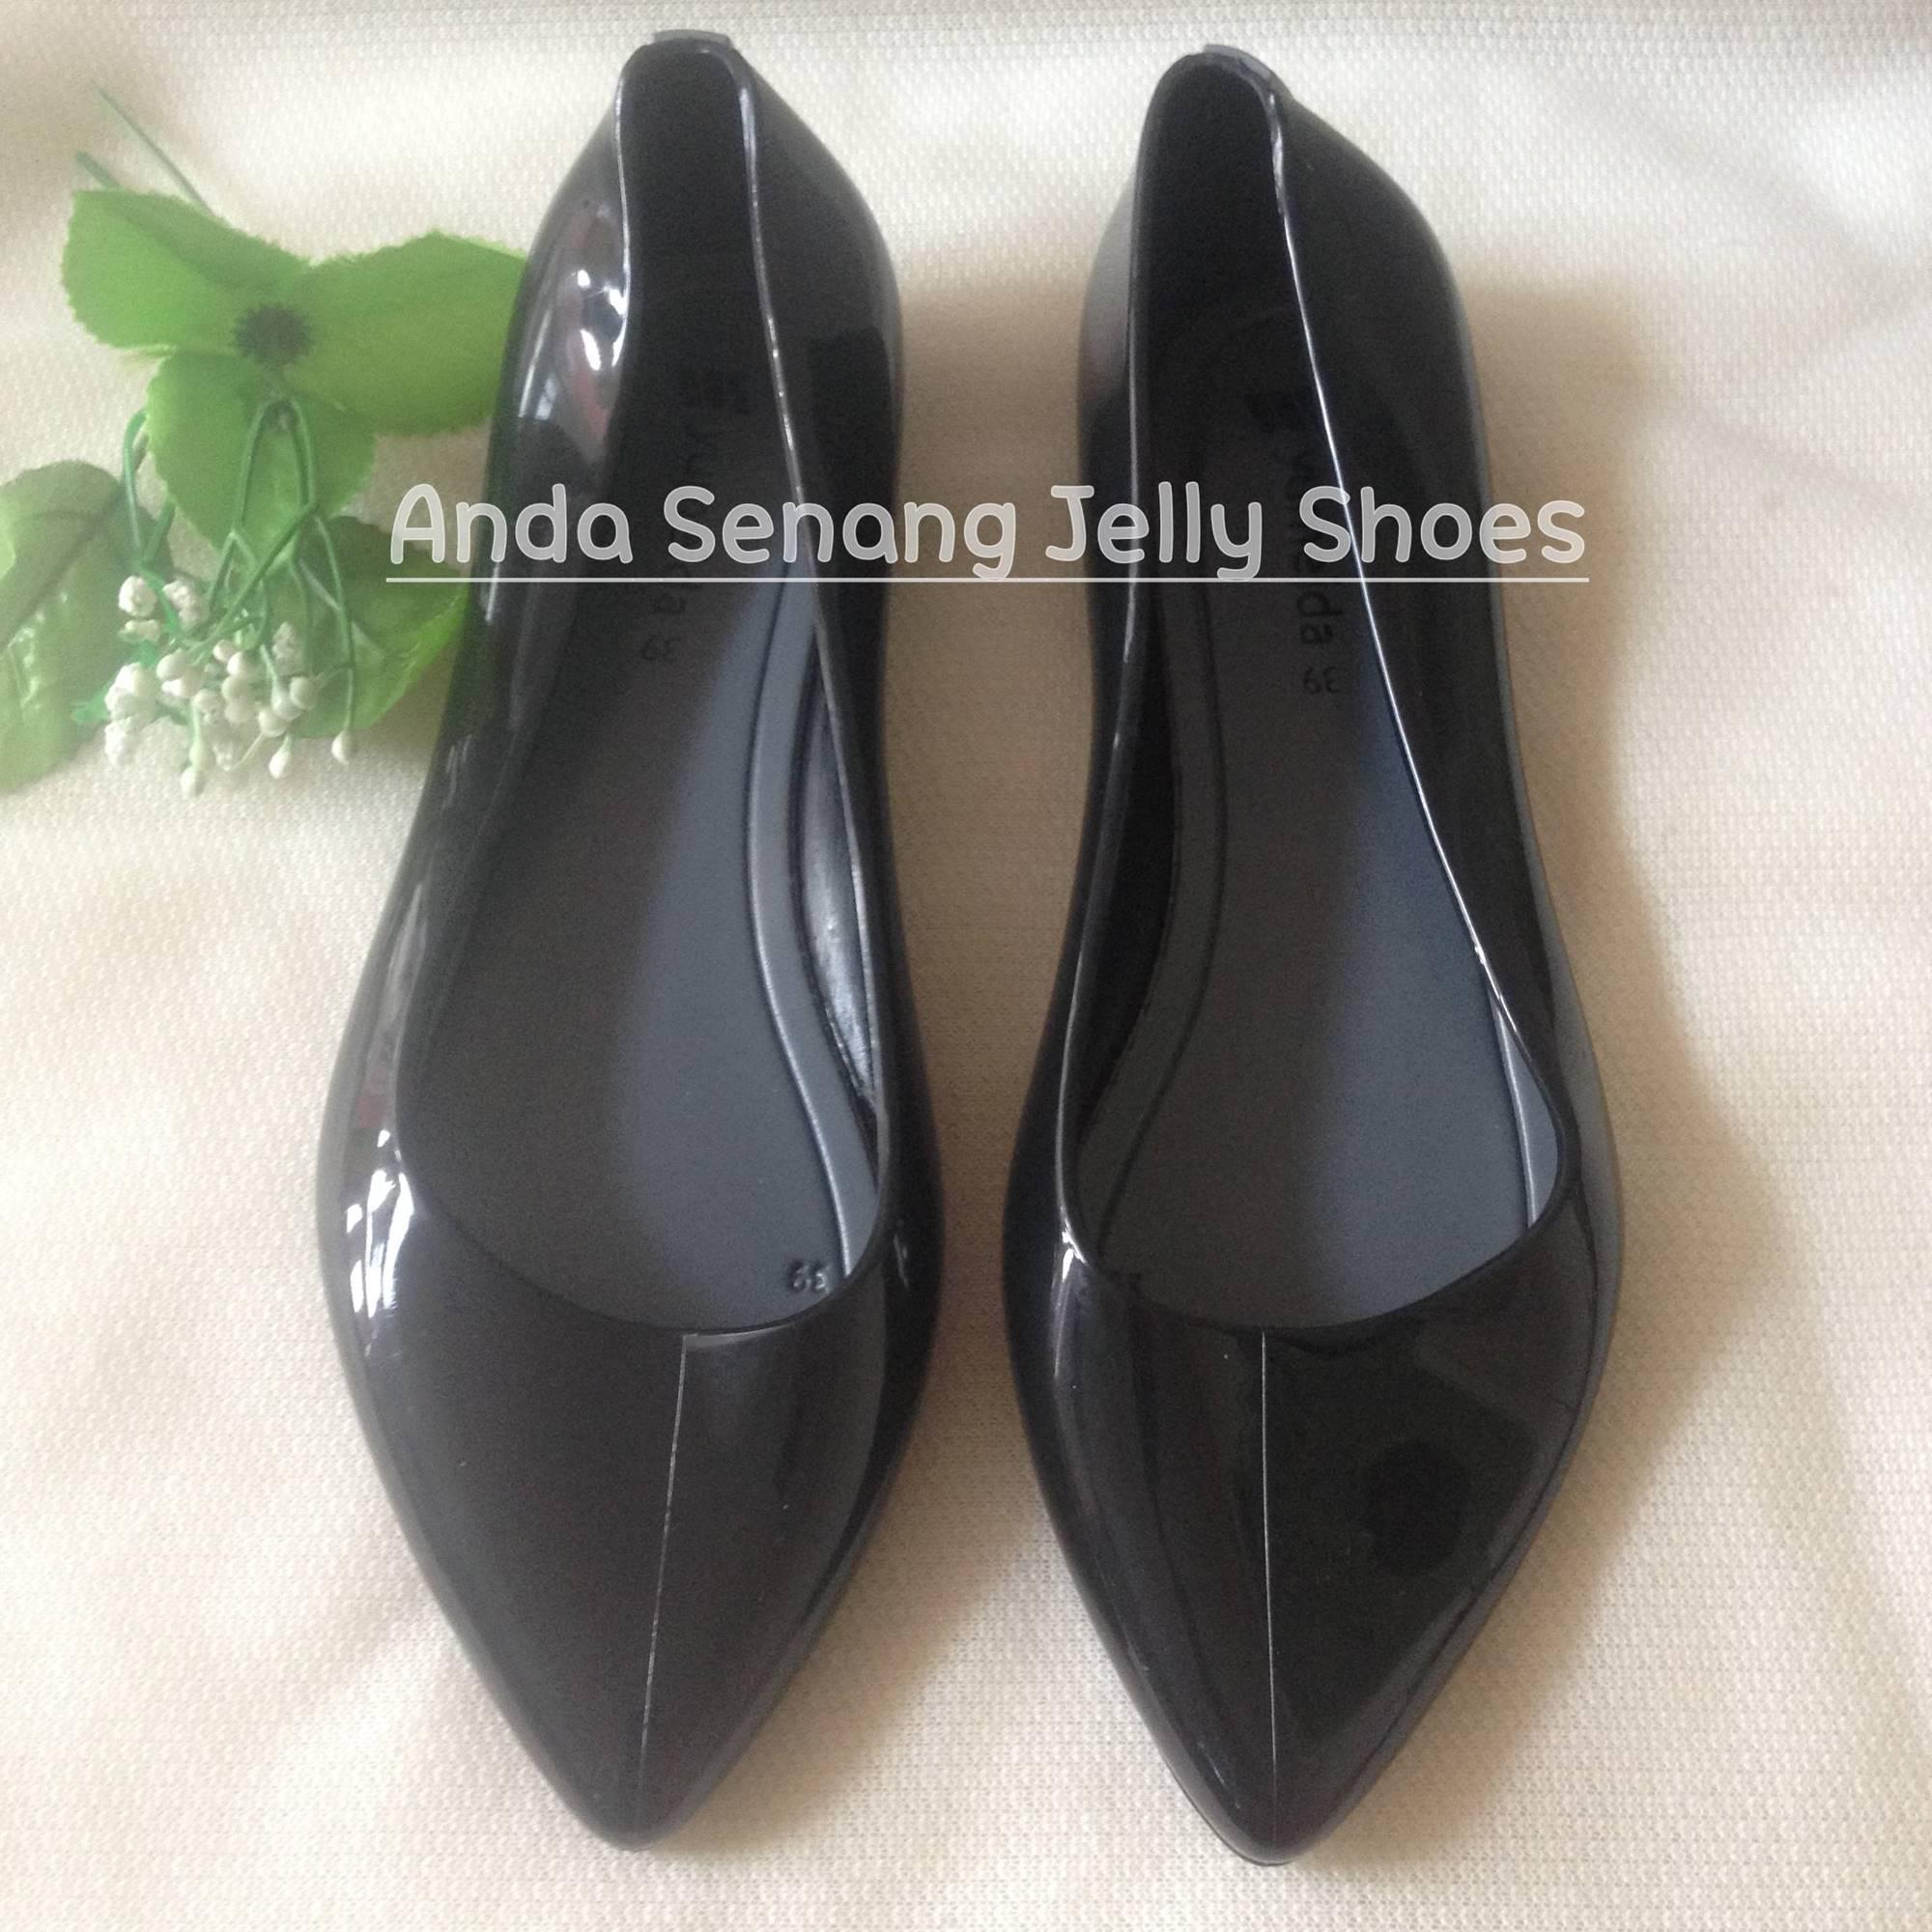 Sepatu Yumeida Jelly Shoes Warna Gray Daftar Harga Terkini Dan Kerja Detail Gambar Wanita Flat Murah Khusus Hitam Terbaru